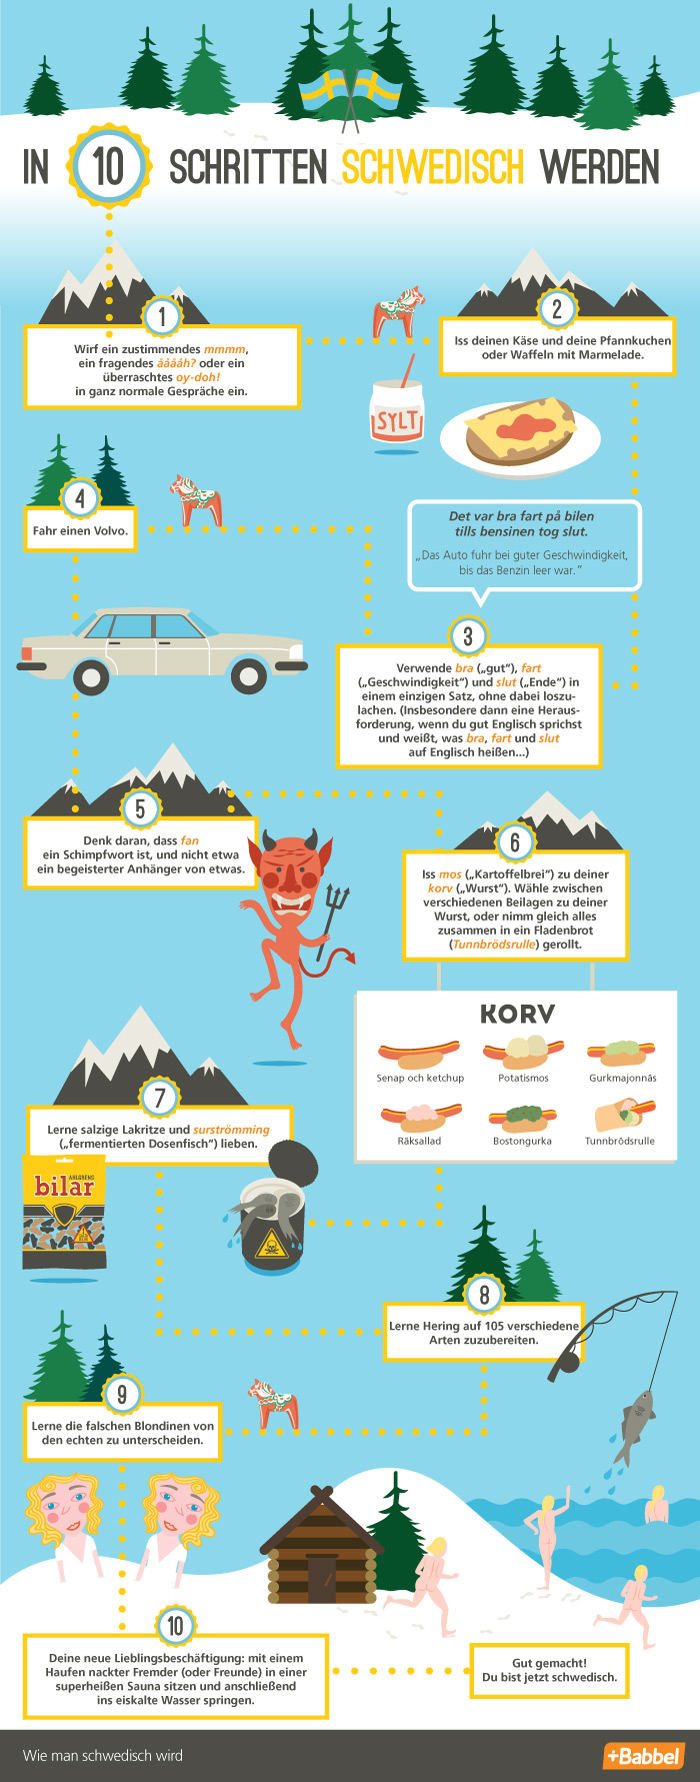 In 10 Schritten schwedisch werden